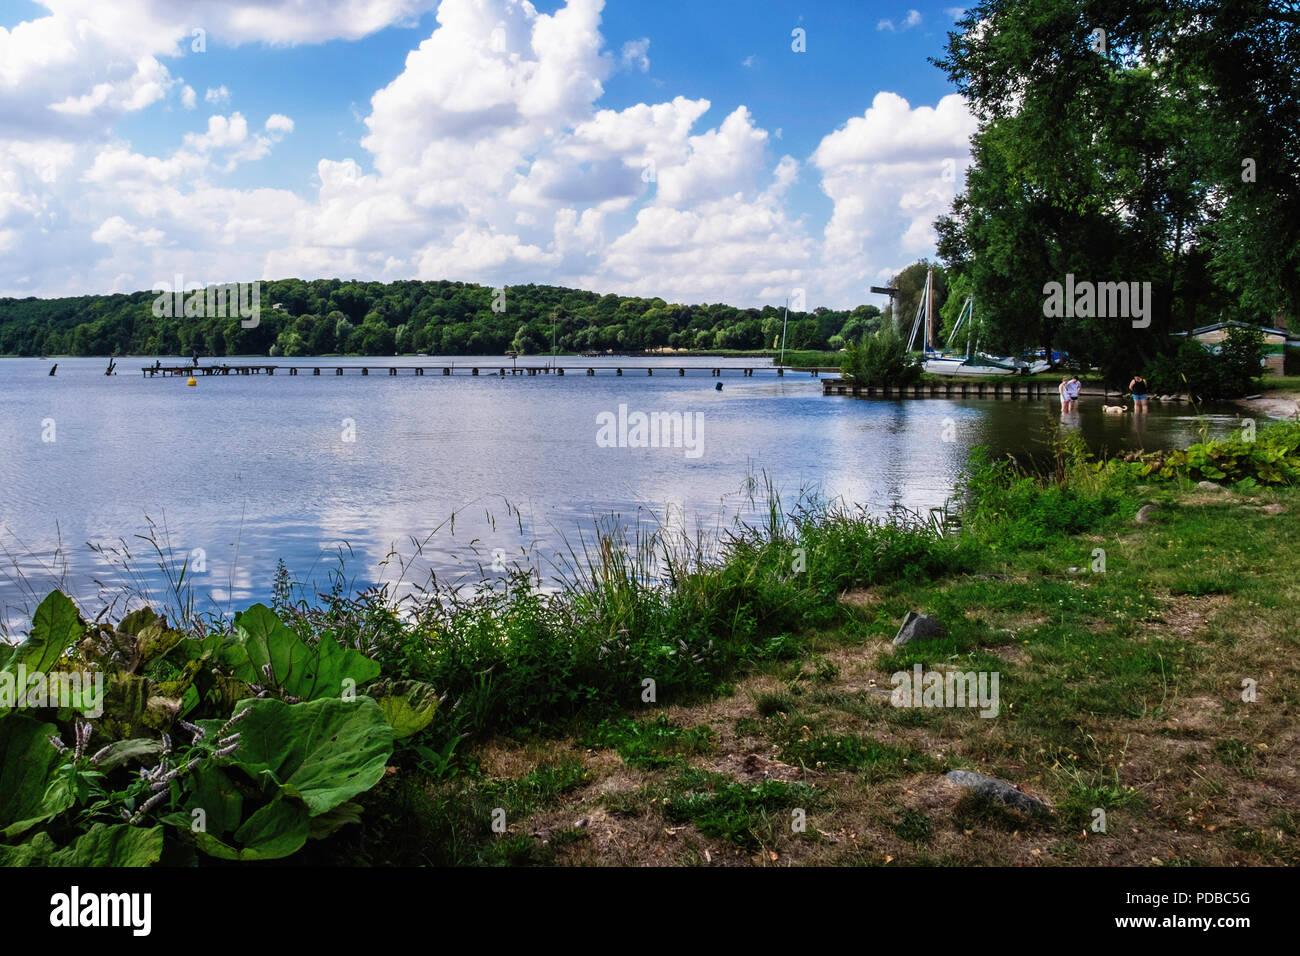 Tollensee See, beliebter Badeplatz & Urlaubsziel an Neubrandeburg, Mecklenburgische Seenplatte, Deutschland Stockbild